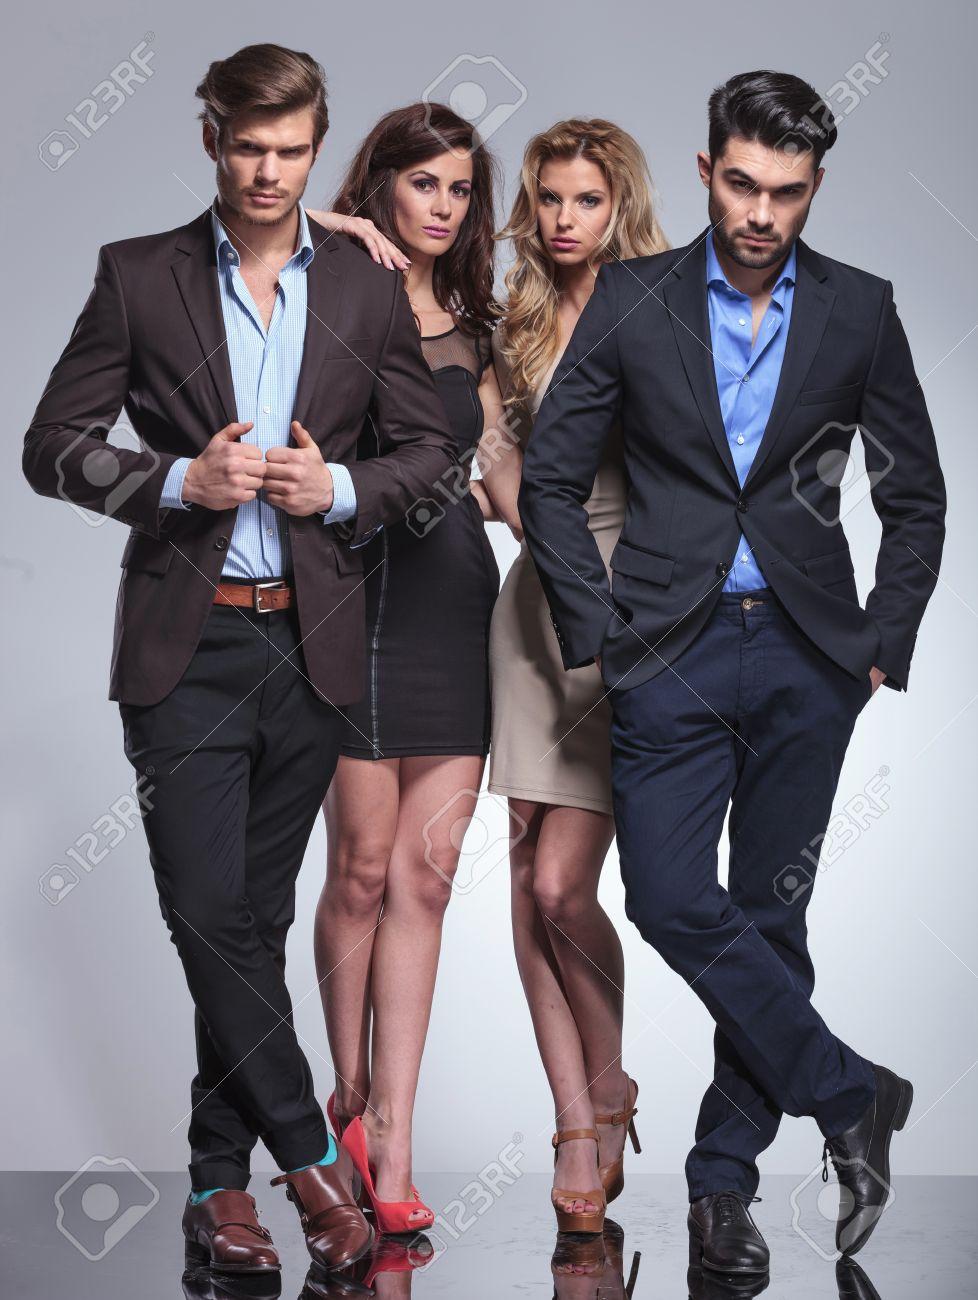 Las Mujeres Elegantes De Pie Detrás De Sus Hombres Y Posar En El